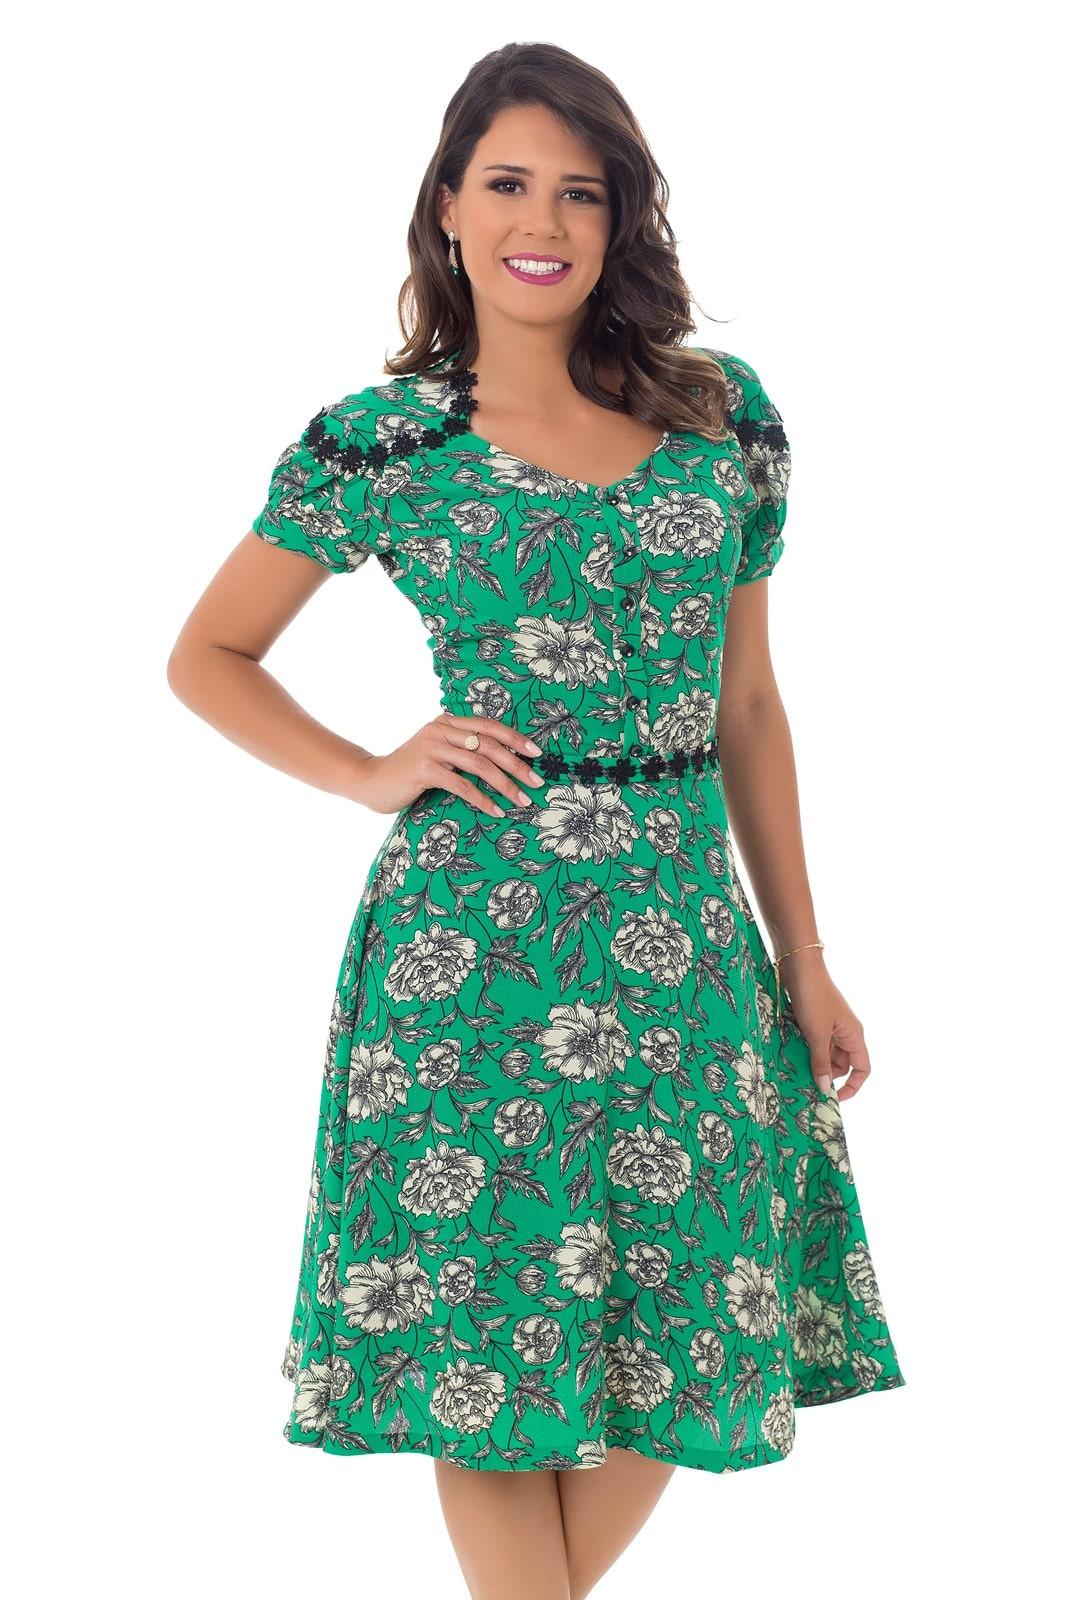 be61daba59 Vestido Crepe Estampado Verde Bella Herança